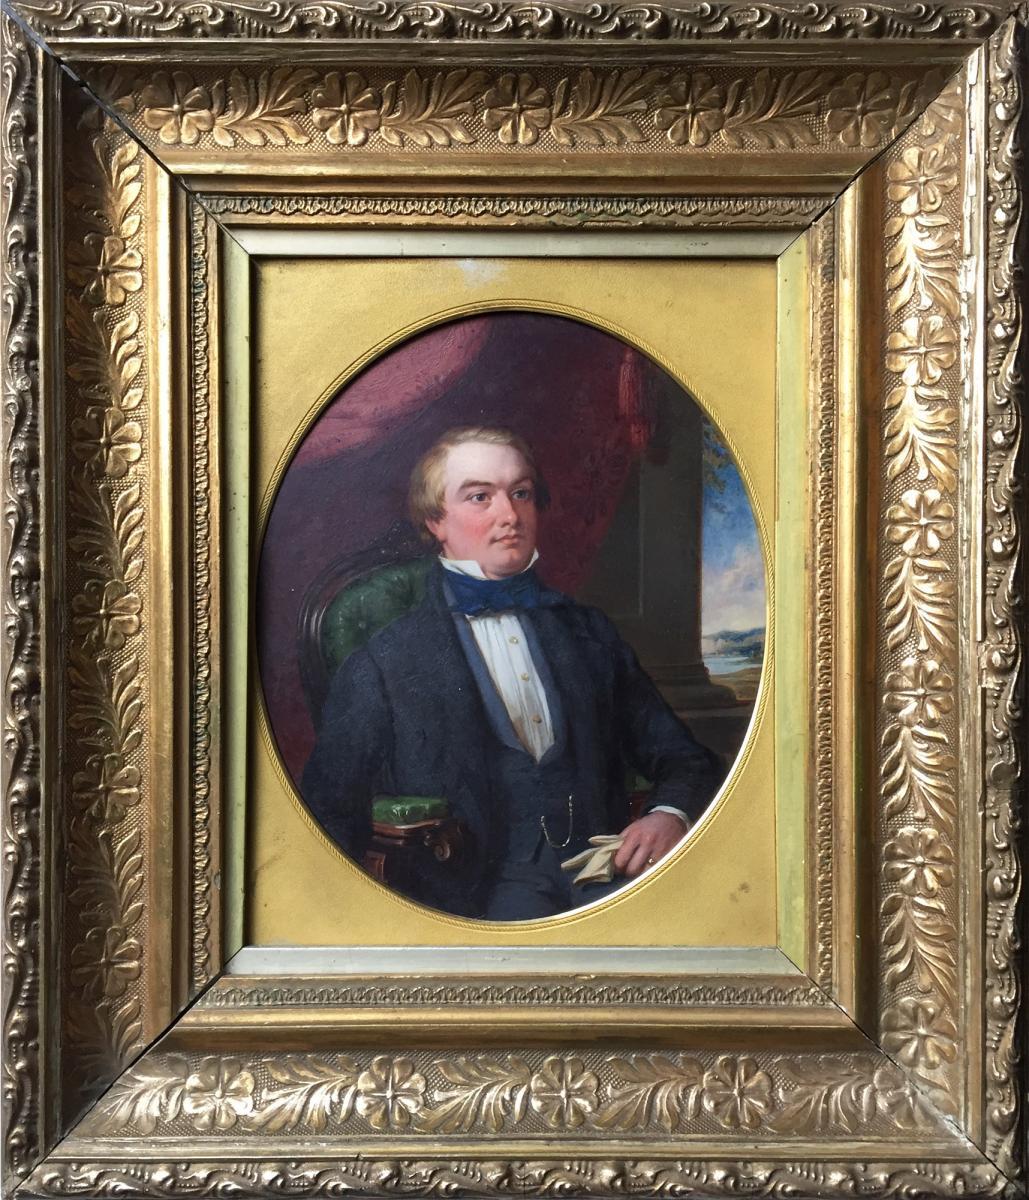 G G BULLOCK, Portrait d'un lord écossais dans intérieur romantique, XIXE, signé, cadre d'époque